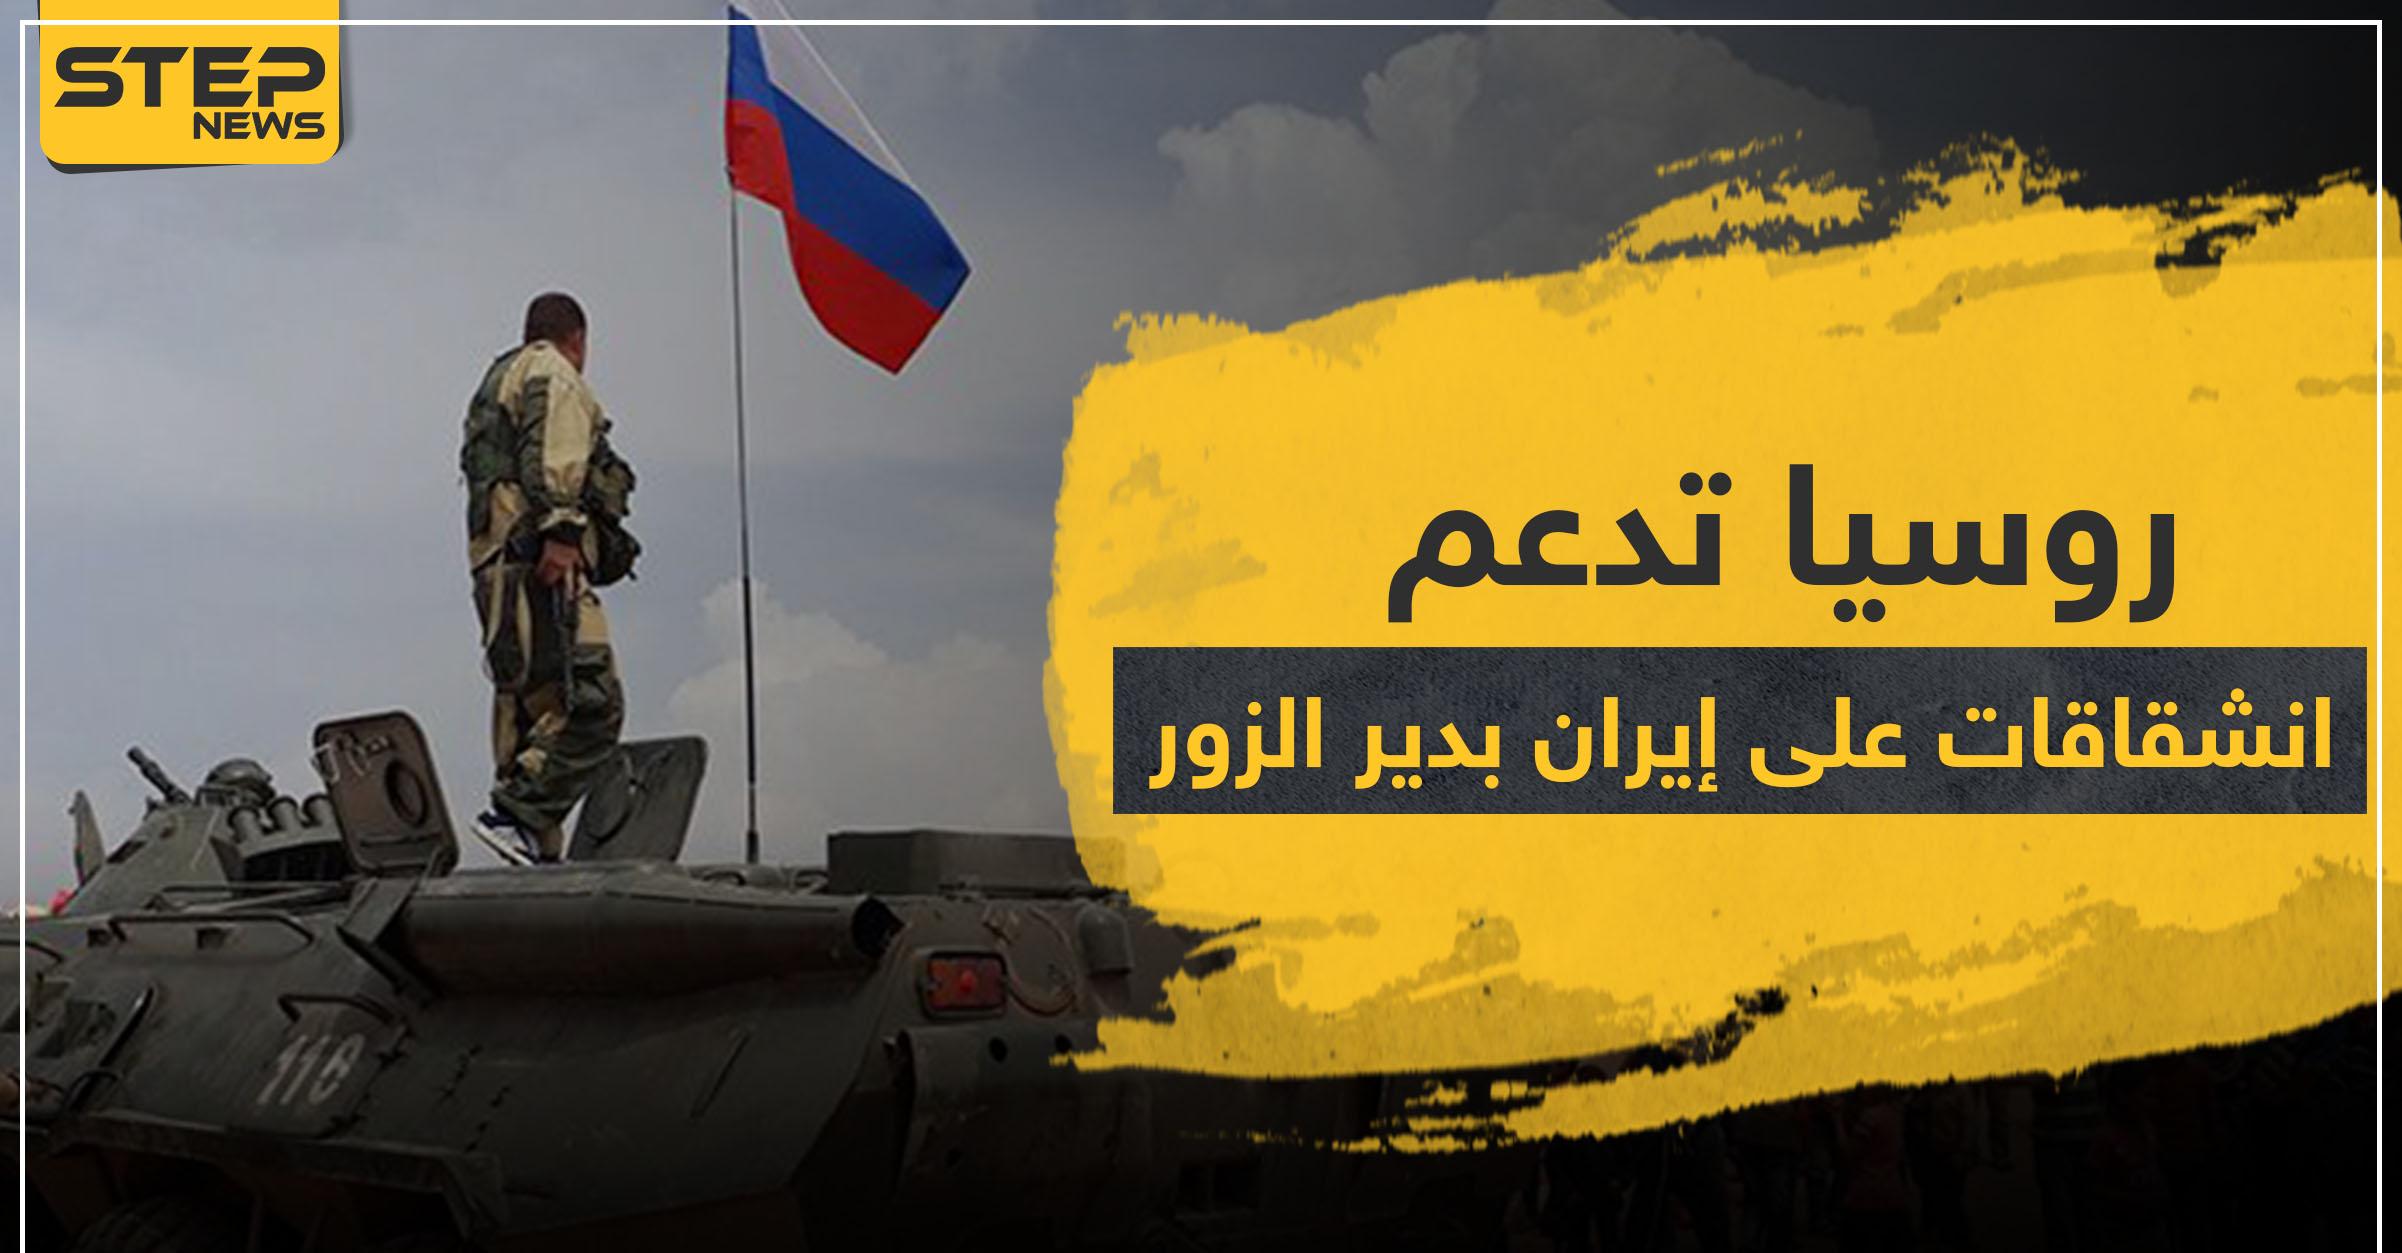 روسيا تنقلب على إيران بدير الزور وتمول انشقاق مقاتلي ميليشياتها.. وهذه أهدافها